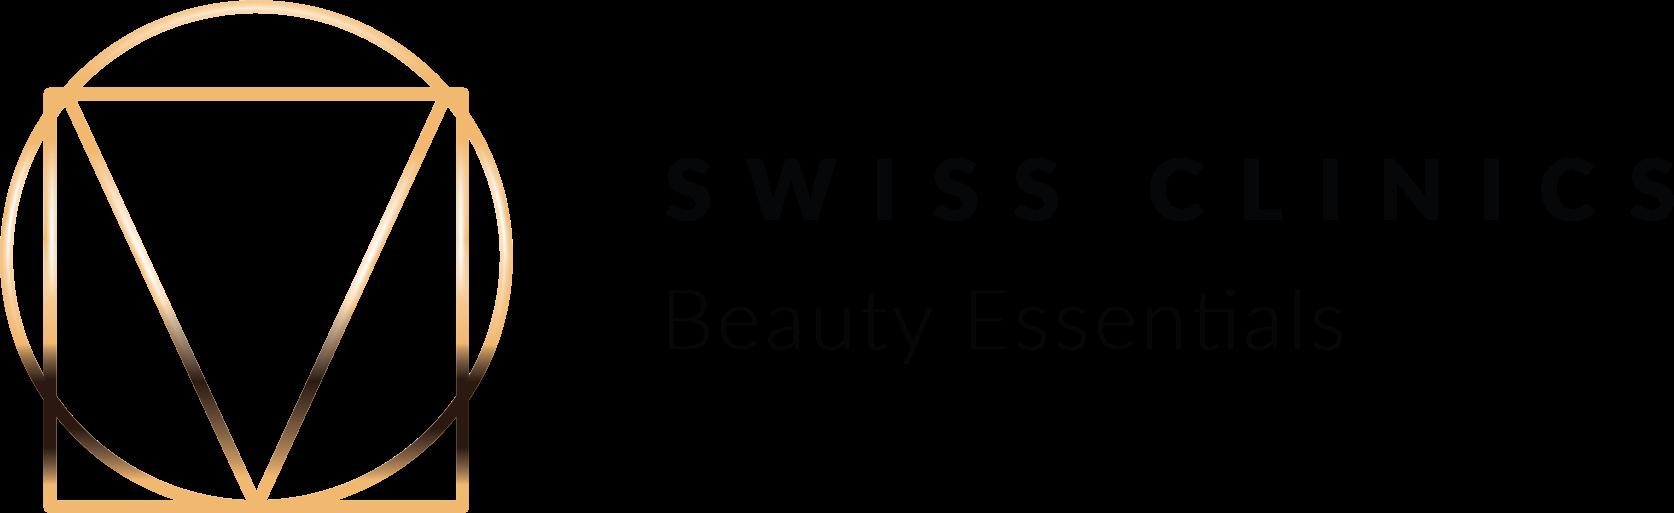 Swiss-Shop.RO – Suplimentele Swiss Beauty Essentials, fabricate în România, sunt recunoscute pentru calitatea și beneficiile ingredientelor patentate: de la colagenul marin, la vitamine și minerale esențiale din fructe și legume (vitaminele A, D3, K2, C, E, CoQ10) până la minerale alcaline naturale și antioxidanți.